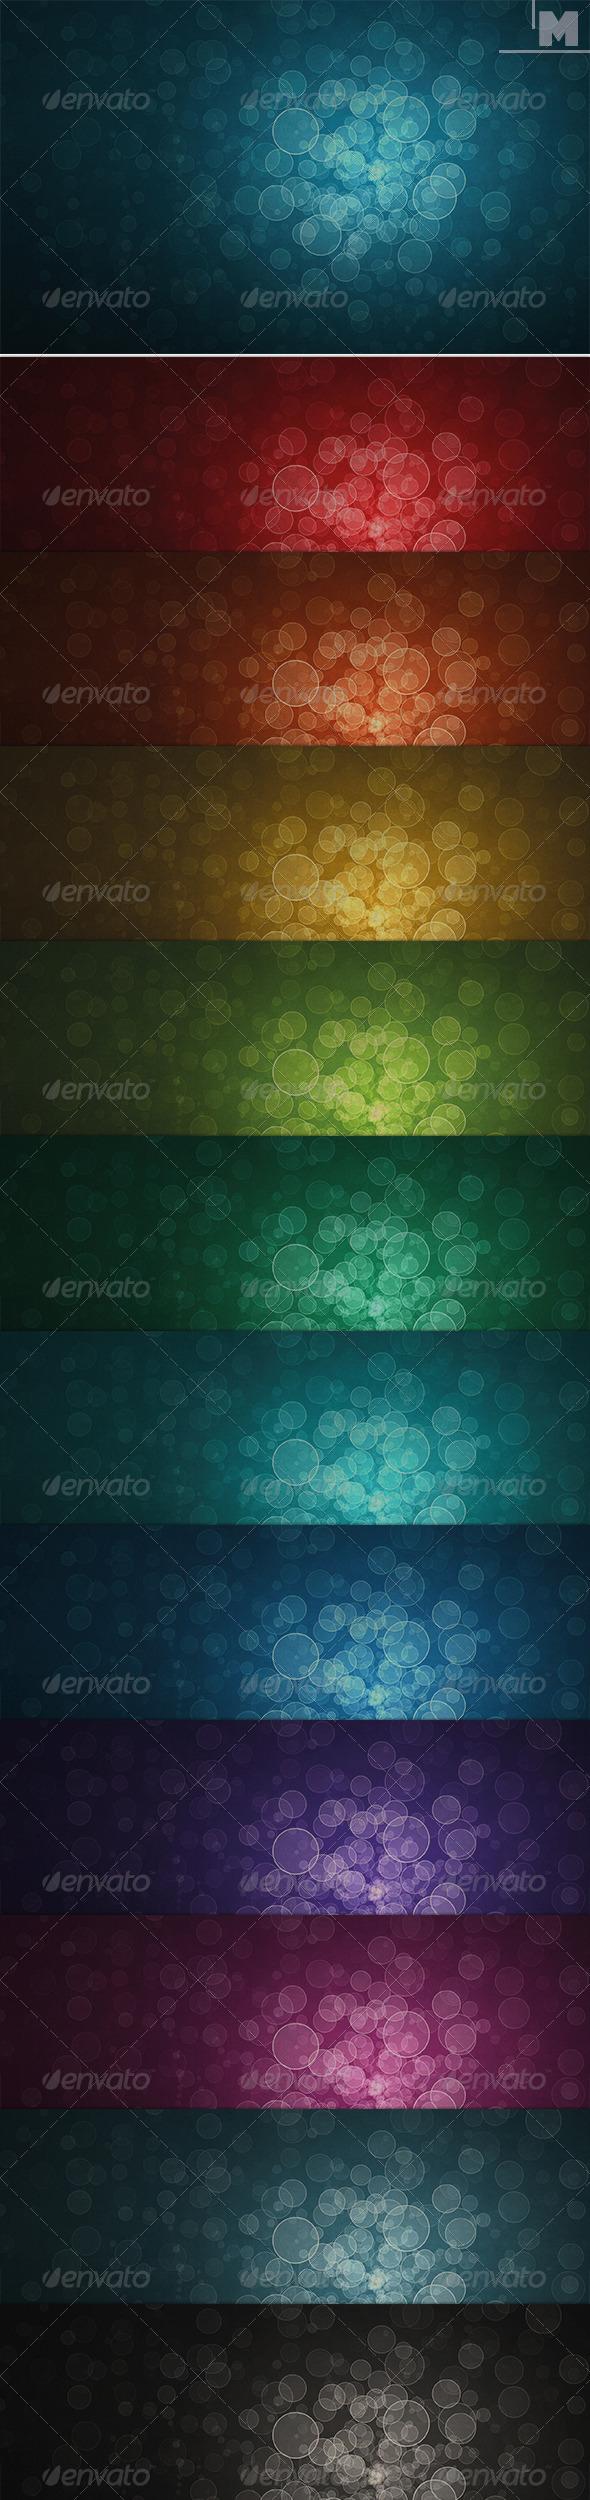 GraphicRiver Bubble Background 7921741